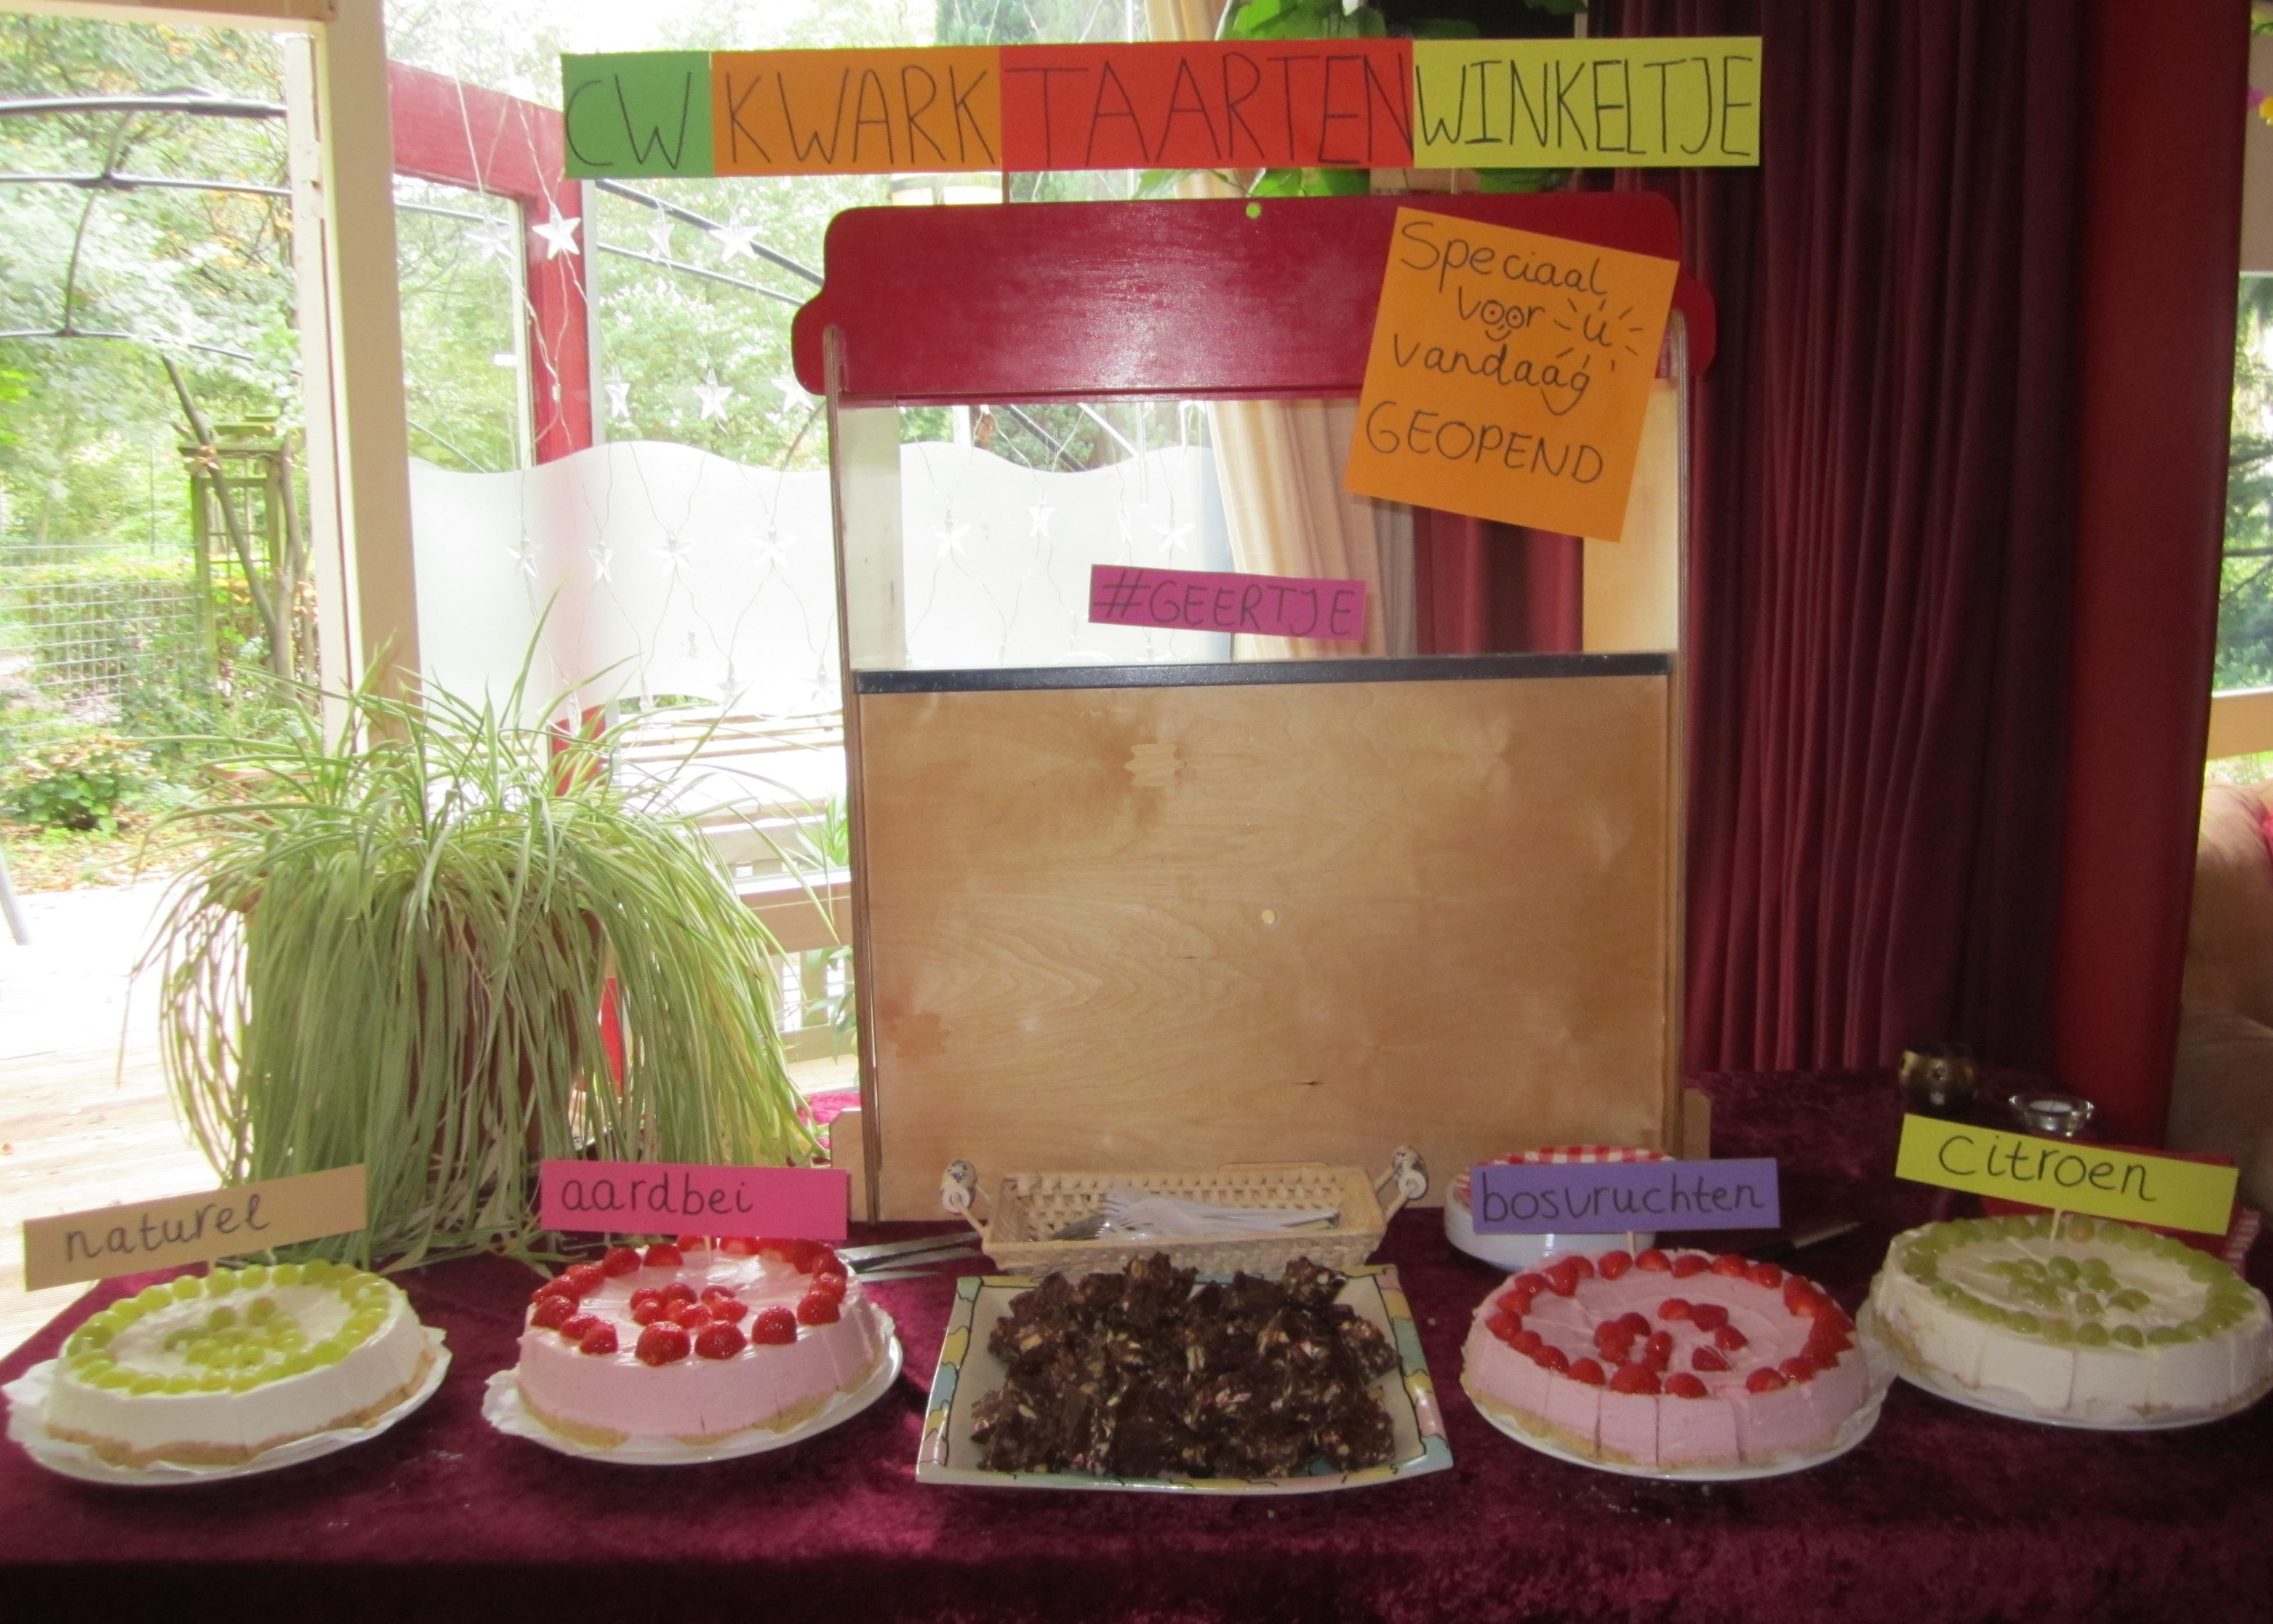 CW taartenwinkeltje